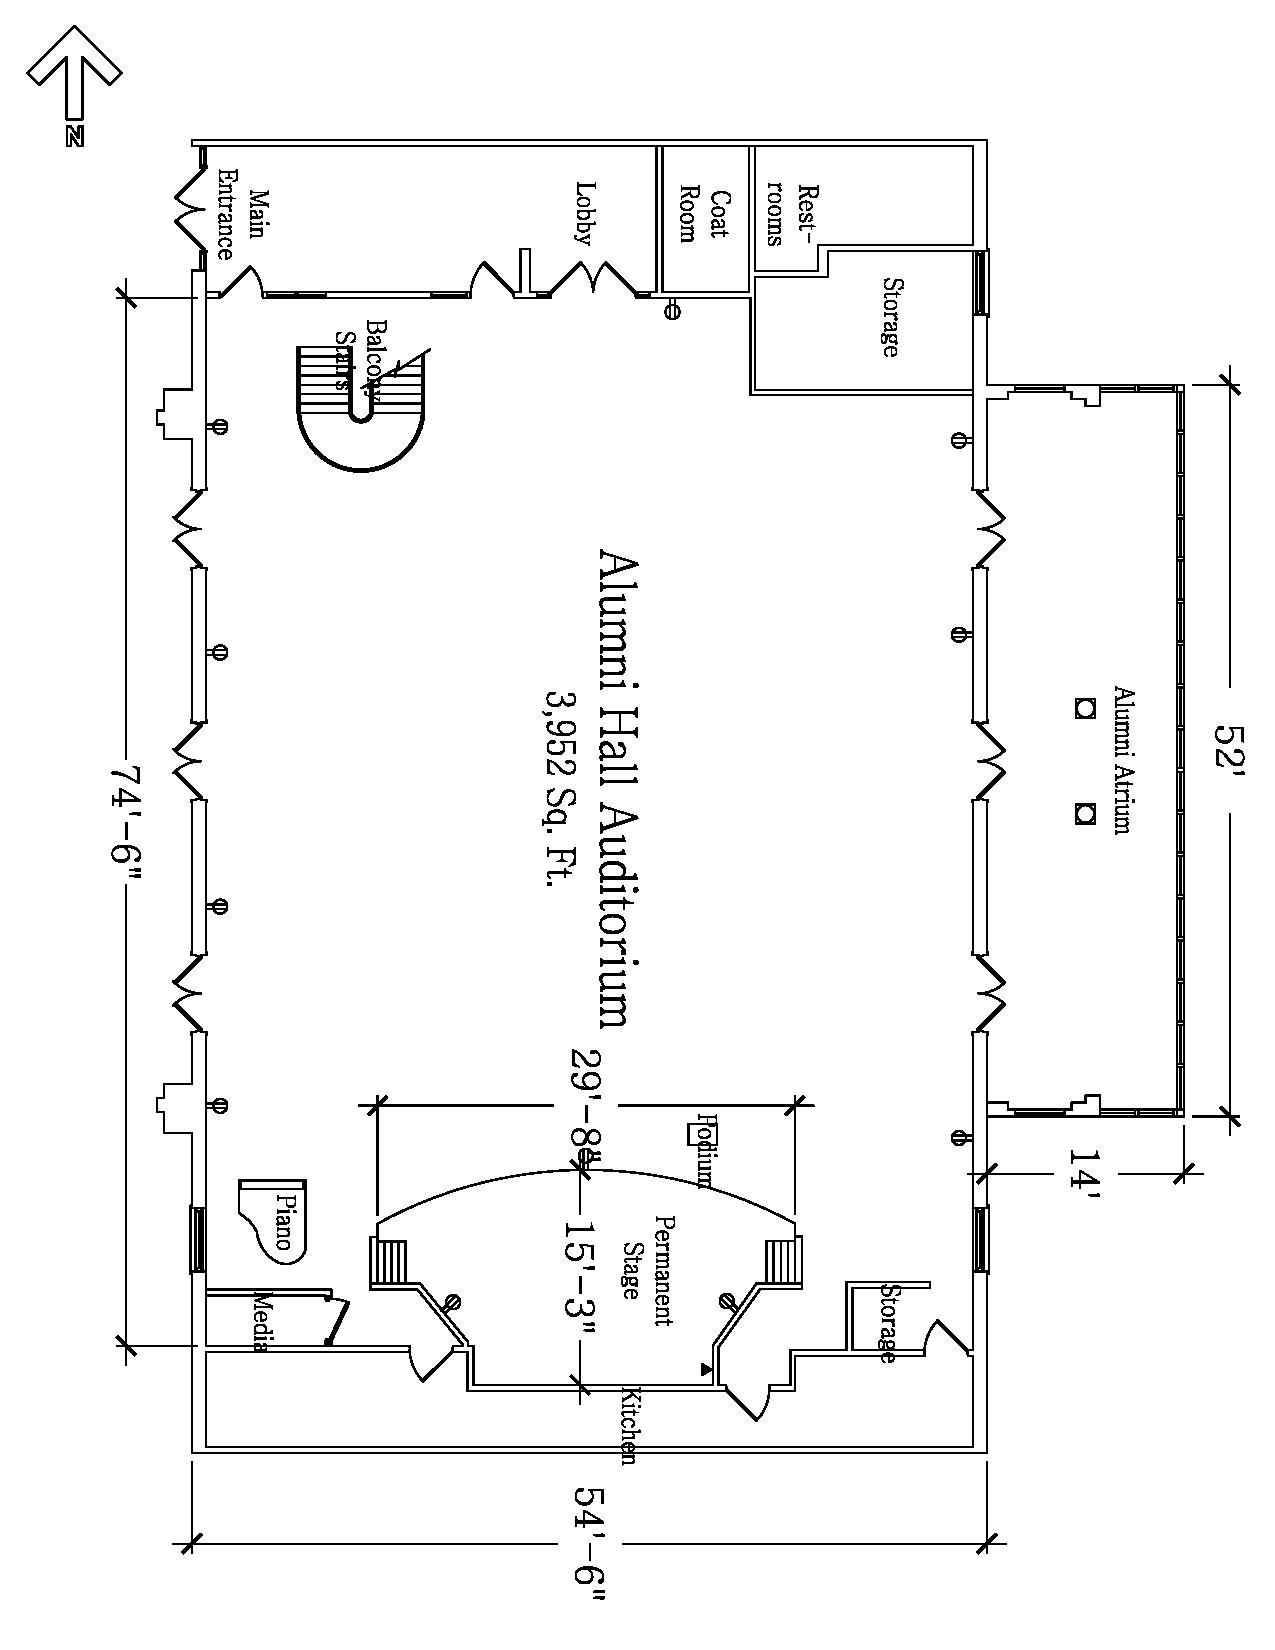 Alumni Hall Auditorium Floor Plan